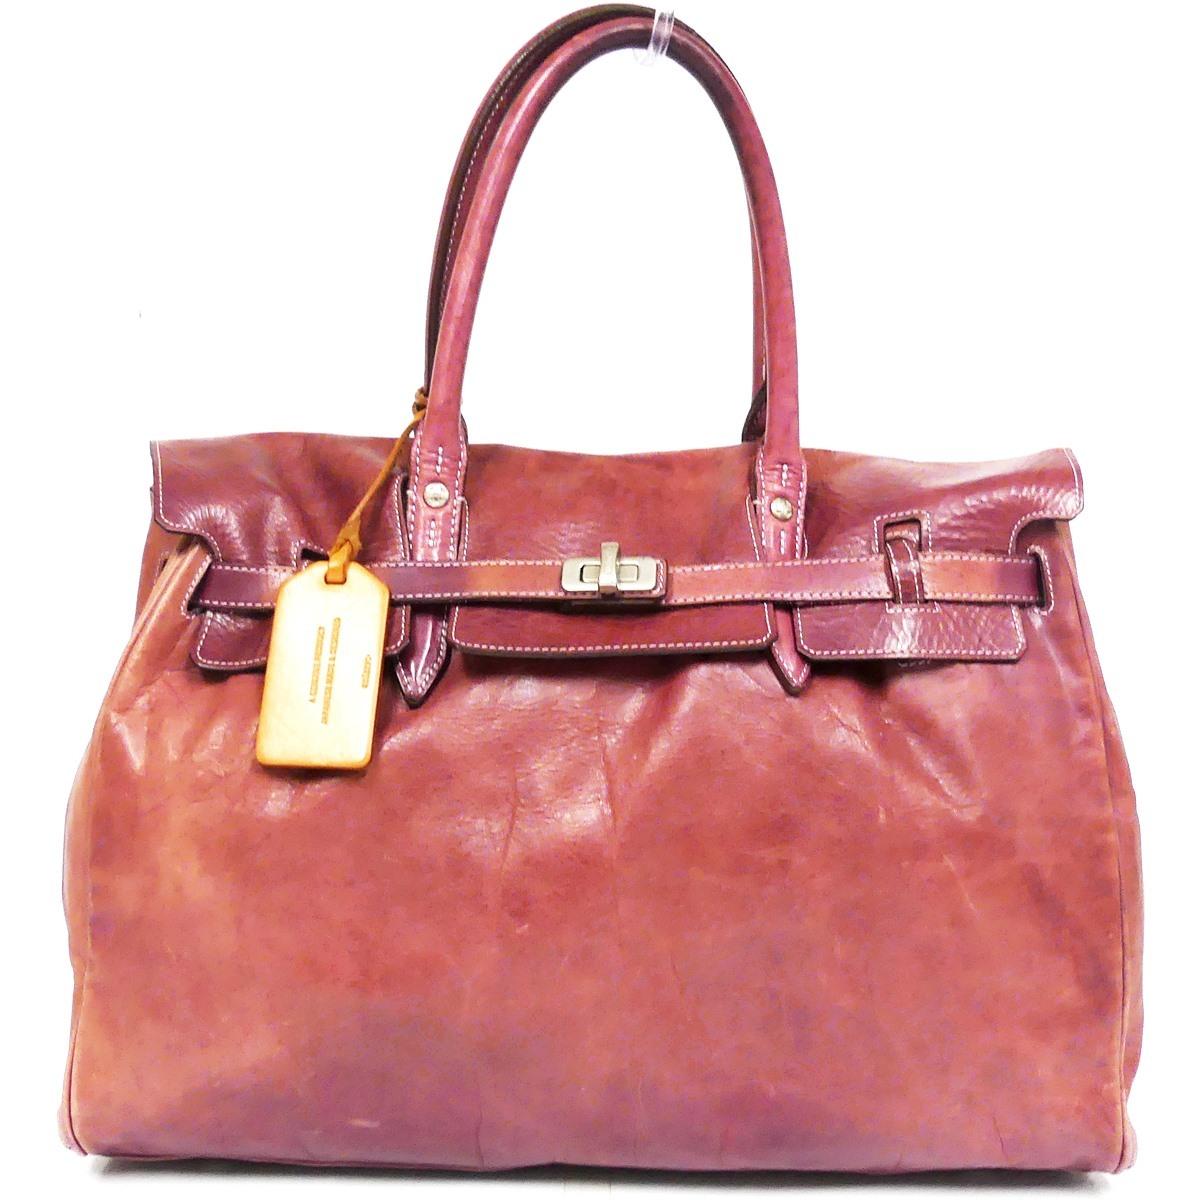 即決★aniary★レザーハンドバッグ アニアリ メンズ 赤 紫 本革 トートバッグ 本皮 かばん 鞄 レディース 手提げバッグ_画像2